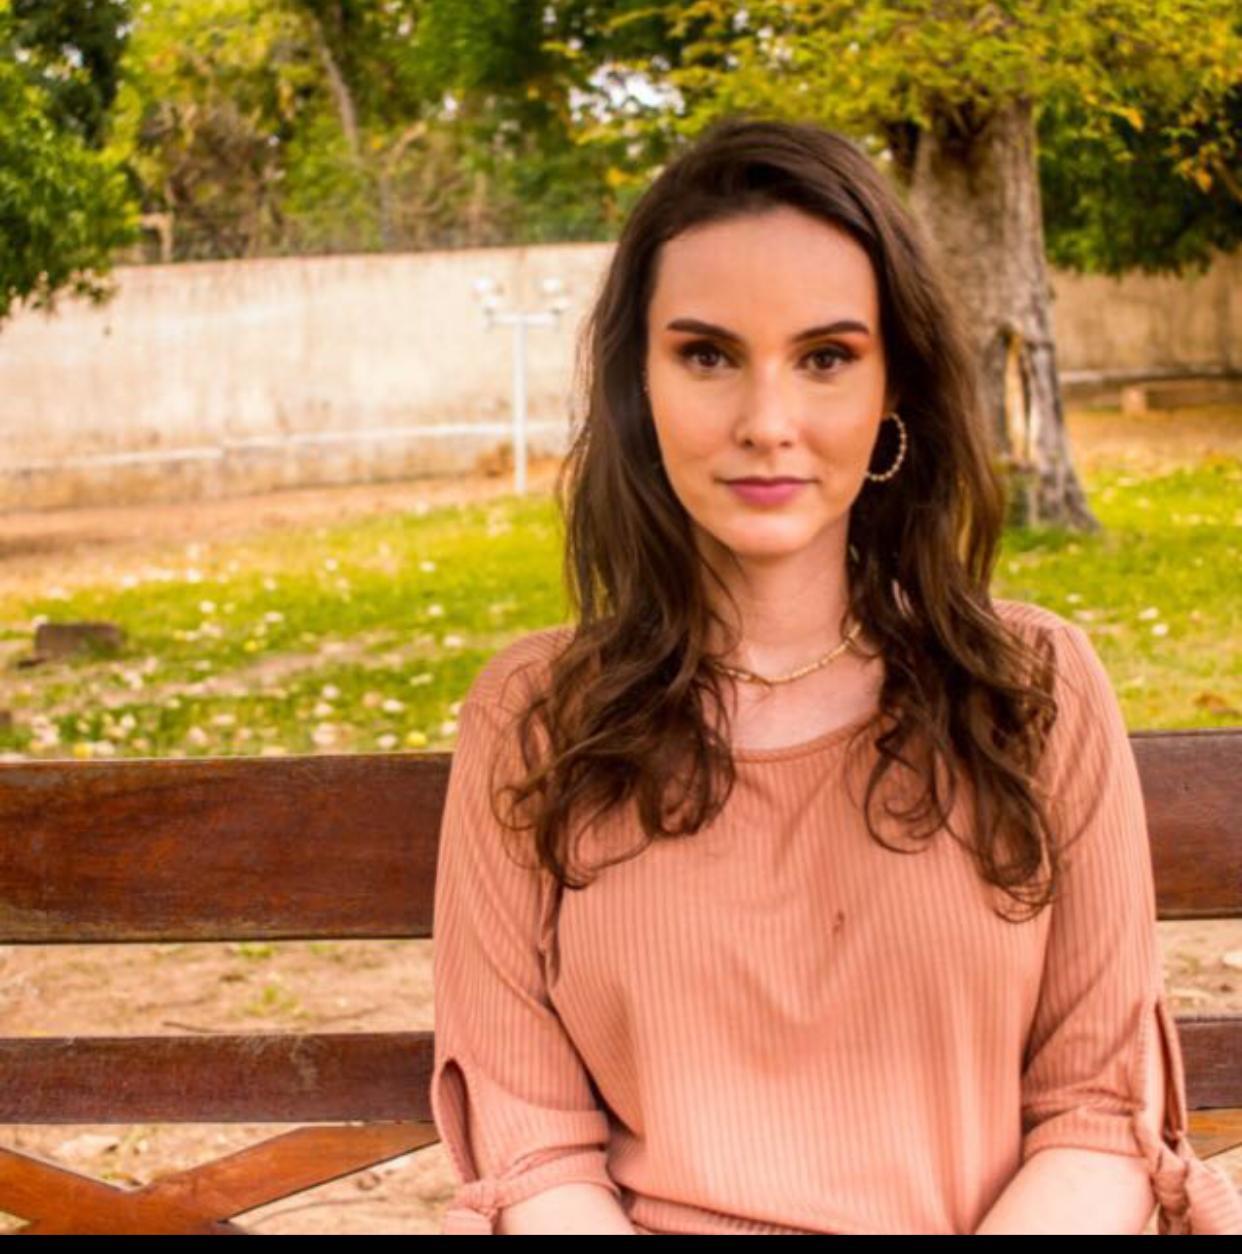 Psicóloga Renata Bandeira esclarece sobre o fenômeno do suicídio